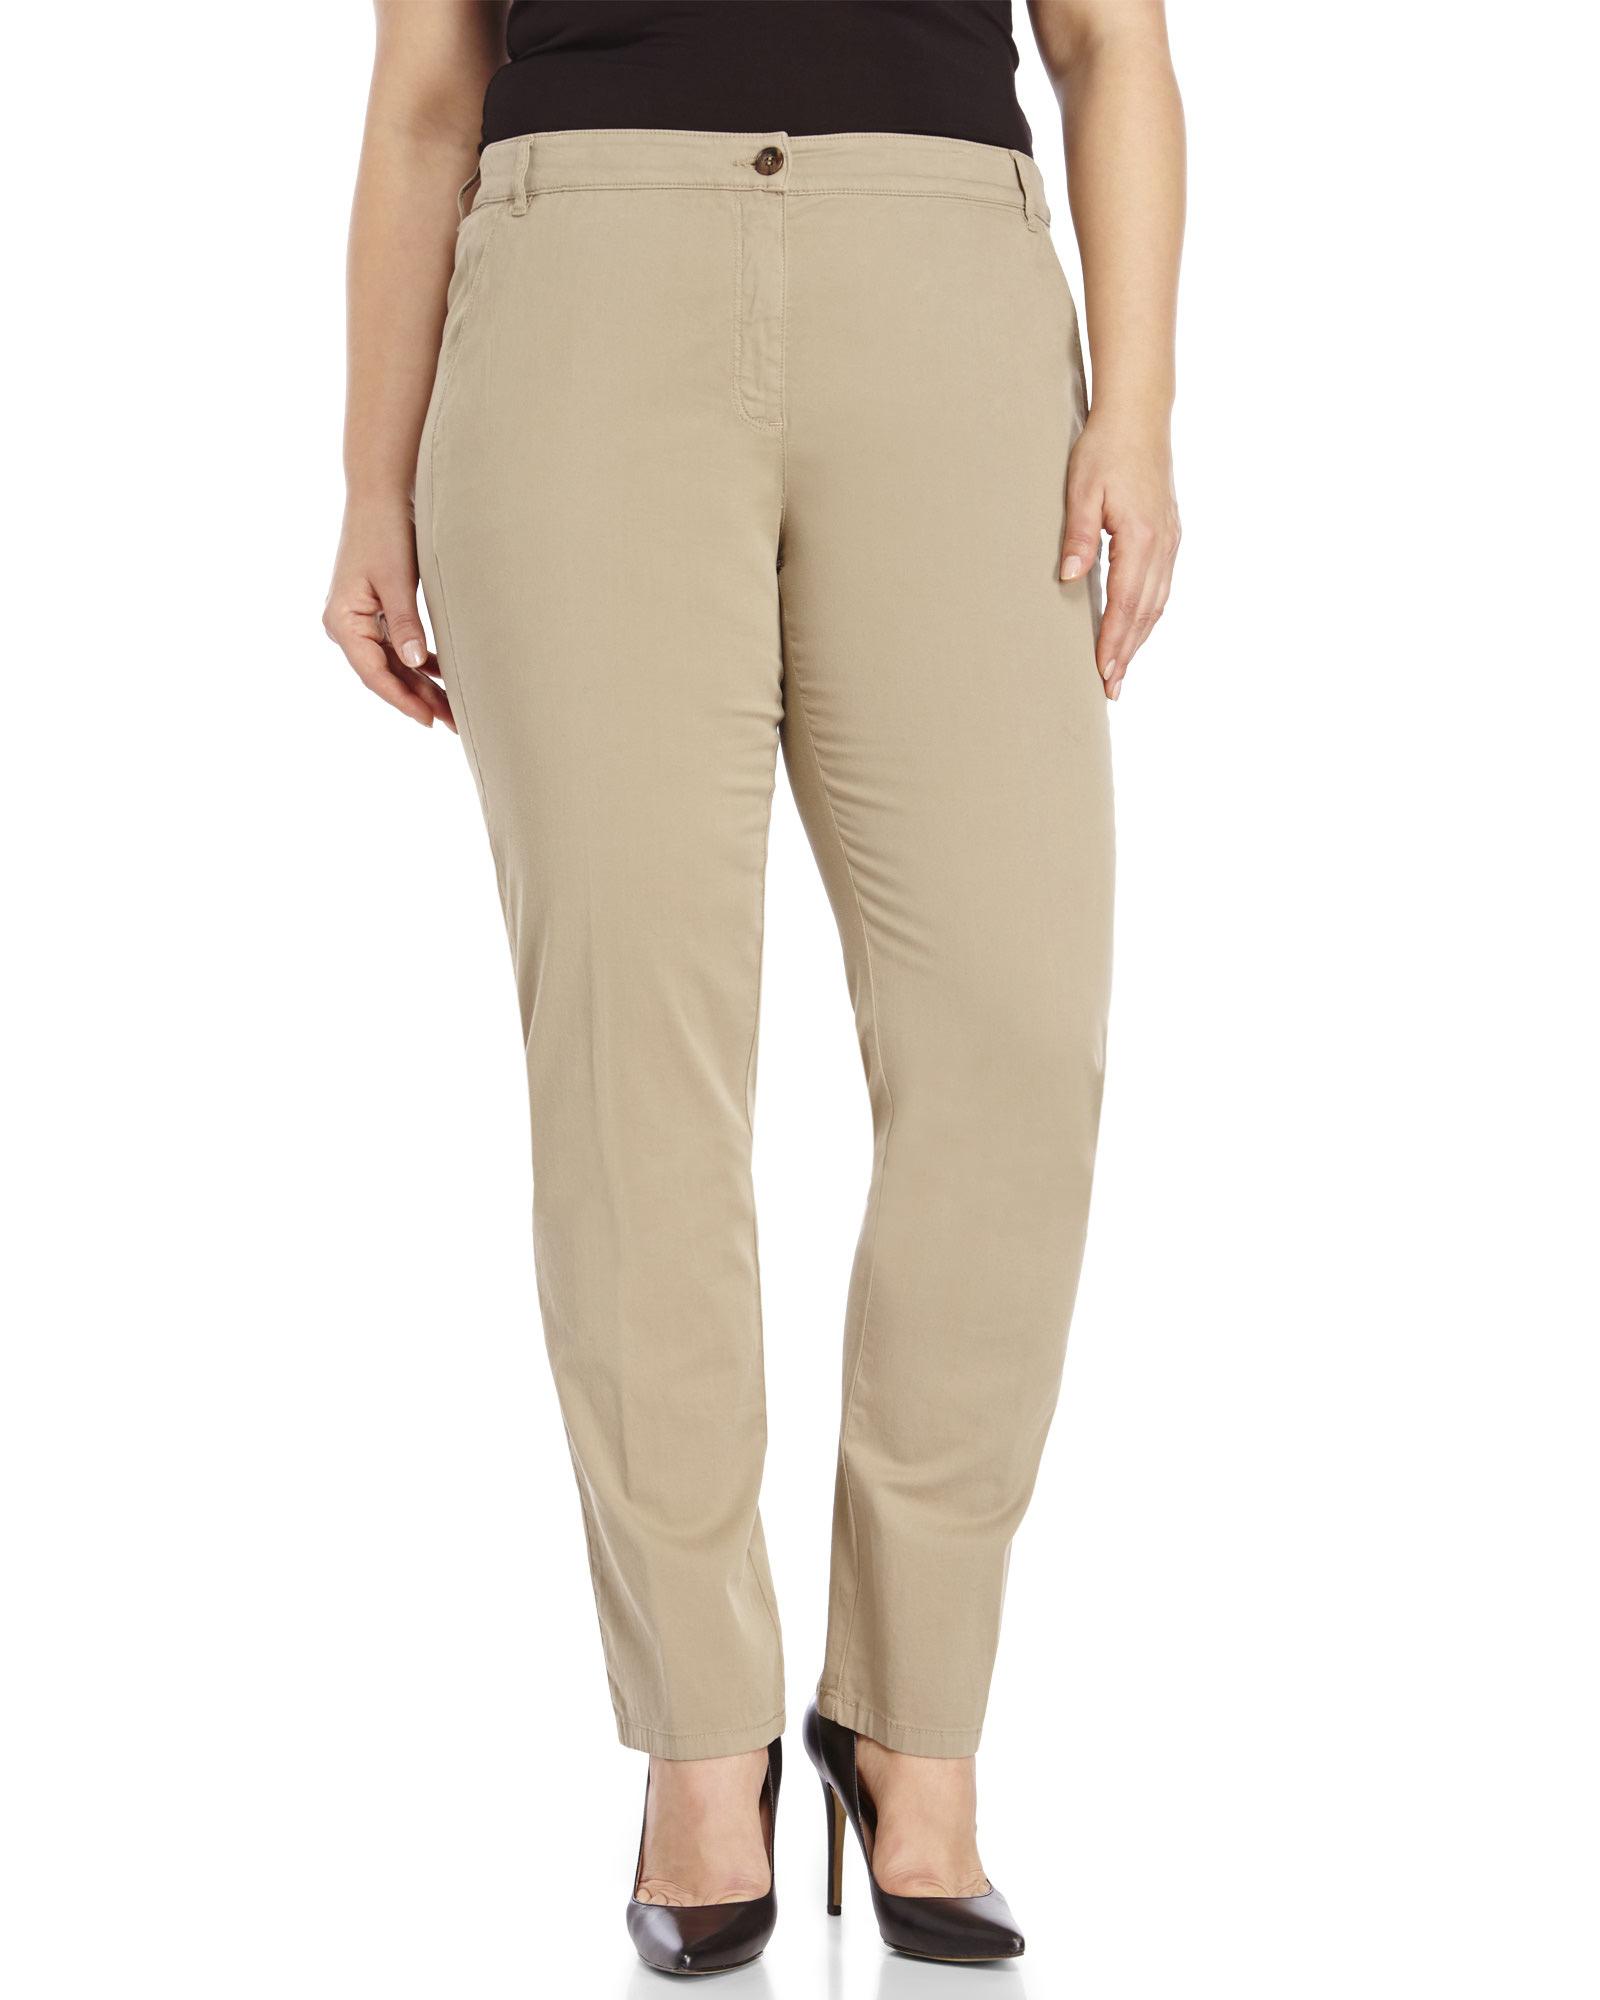 Plus Size Twill Pants Vpi Pants